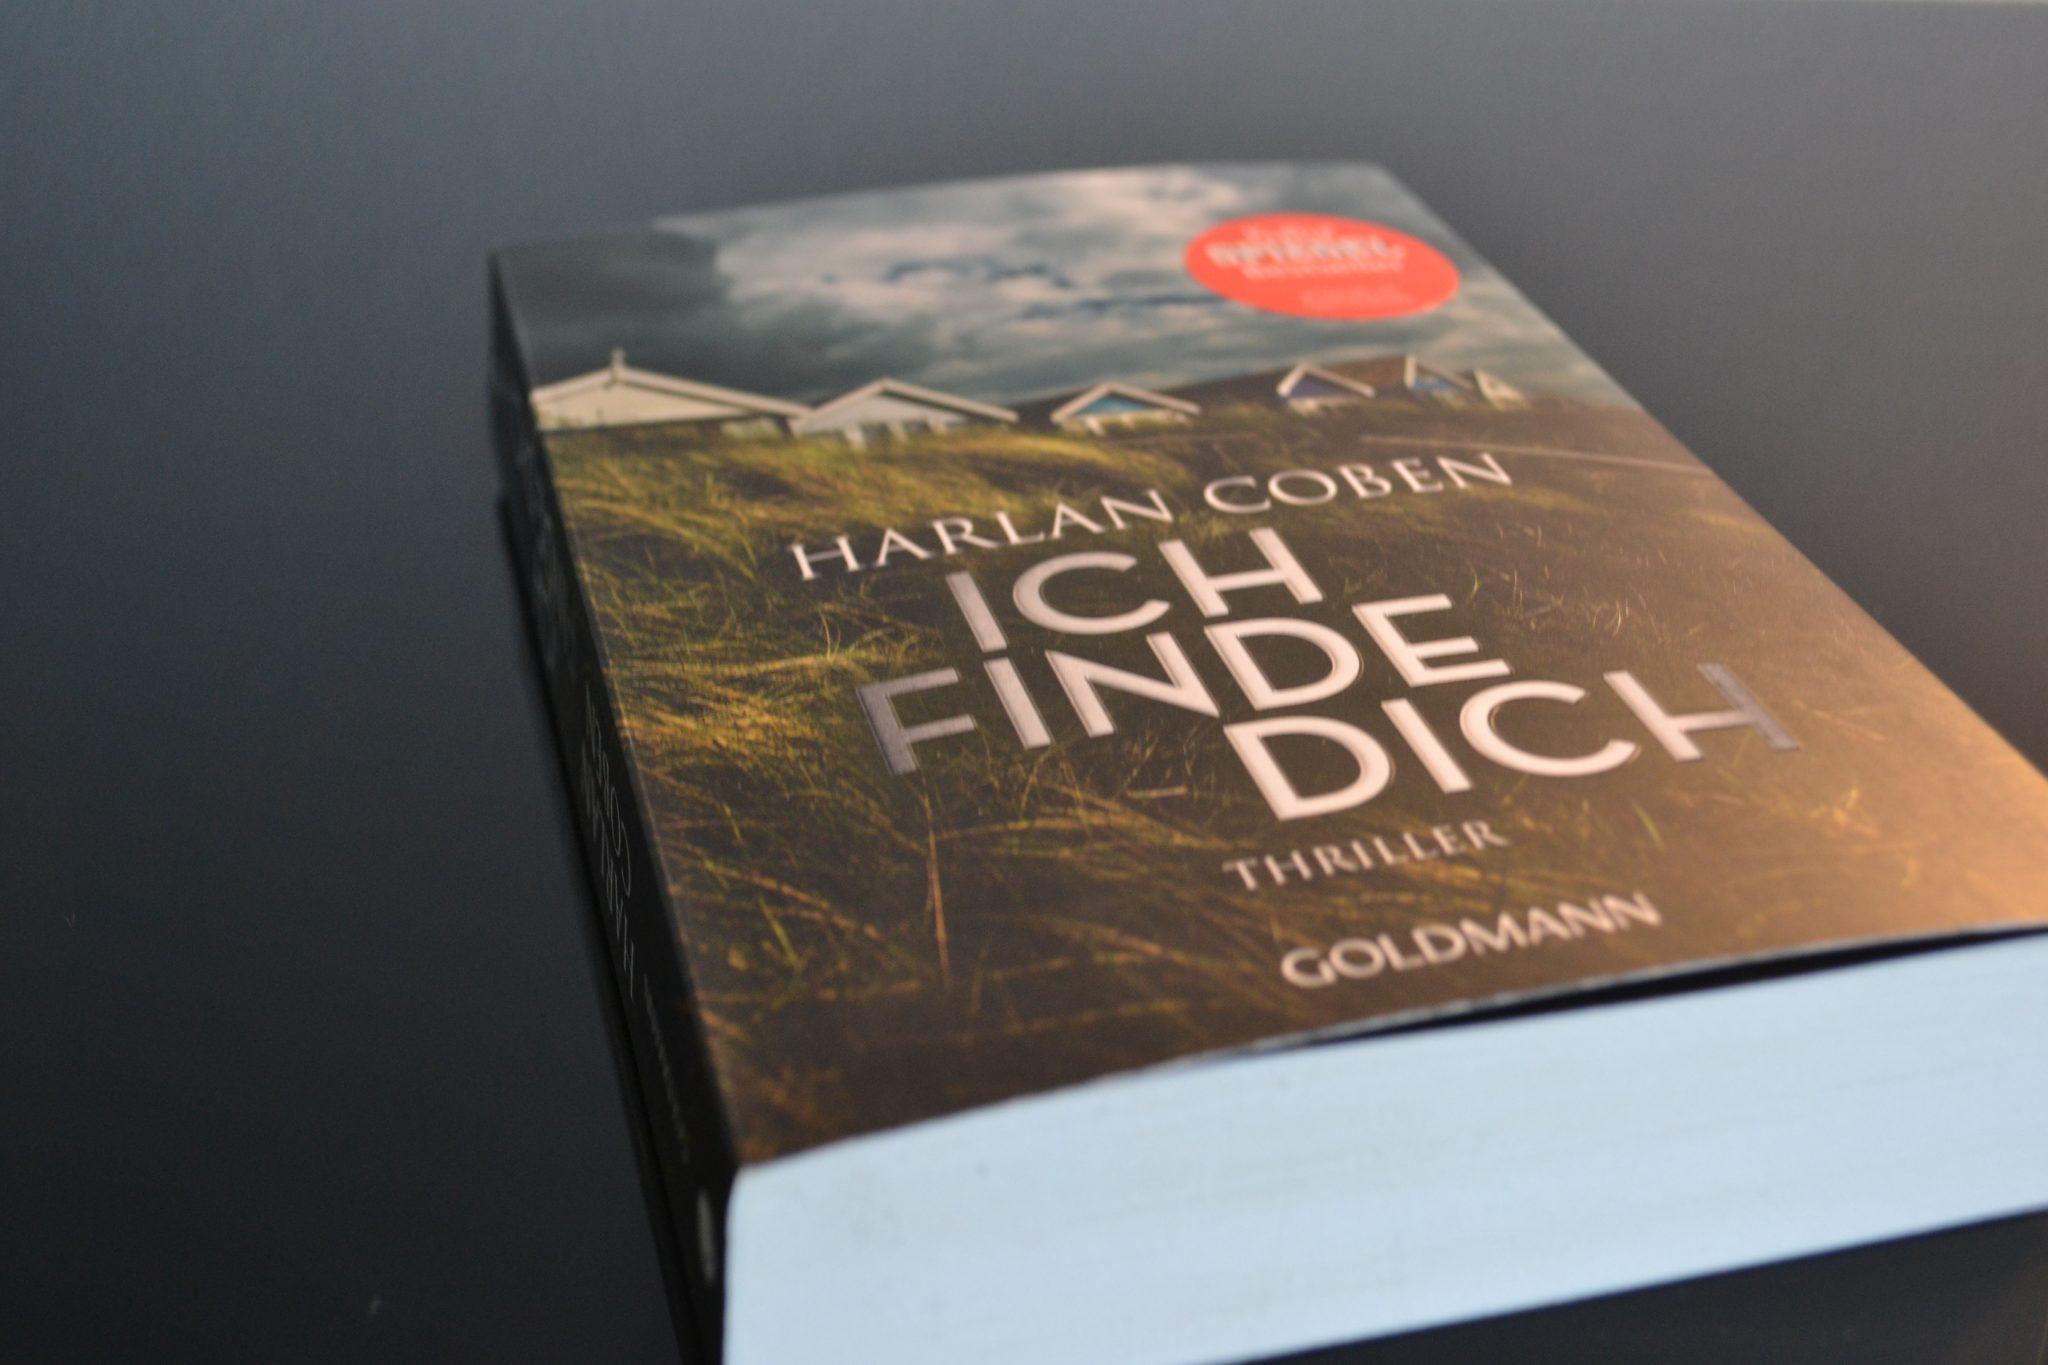 Books: Ich finde dich | Harlan Coben - DSC 0159